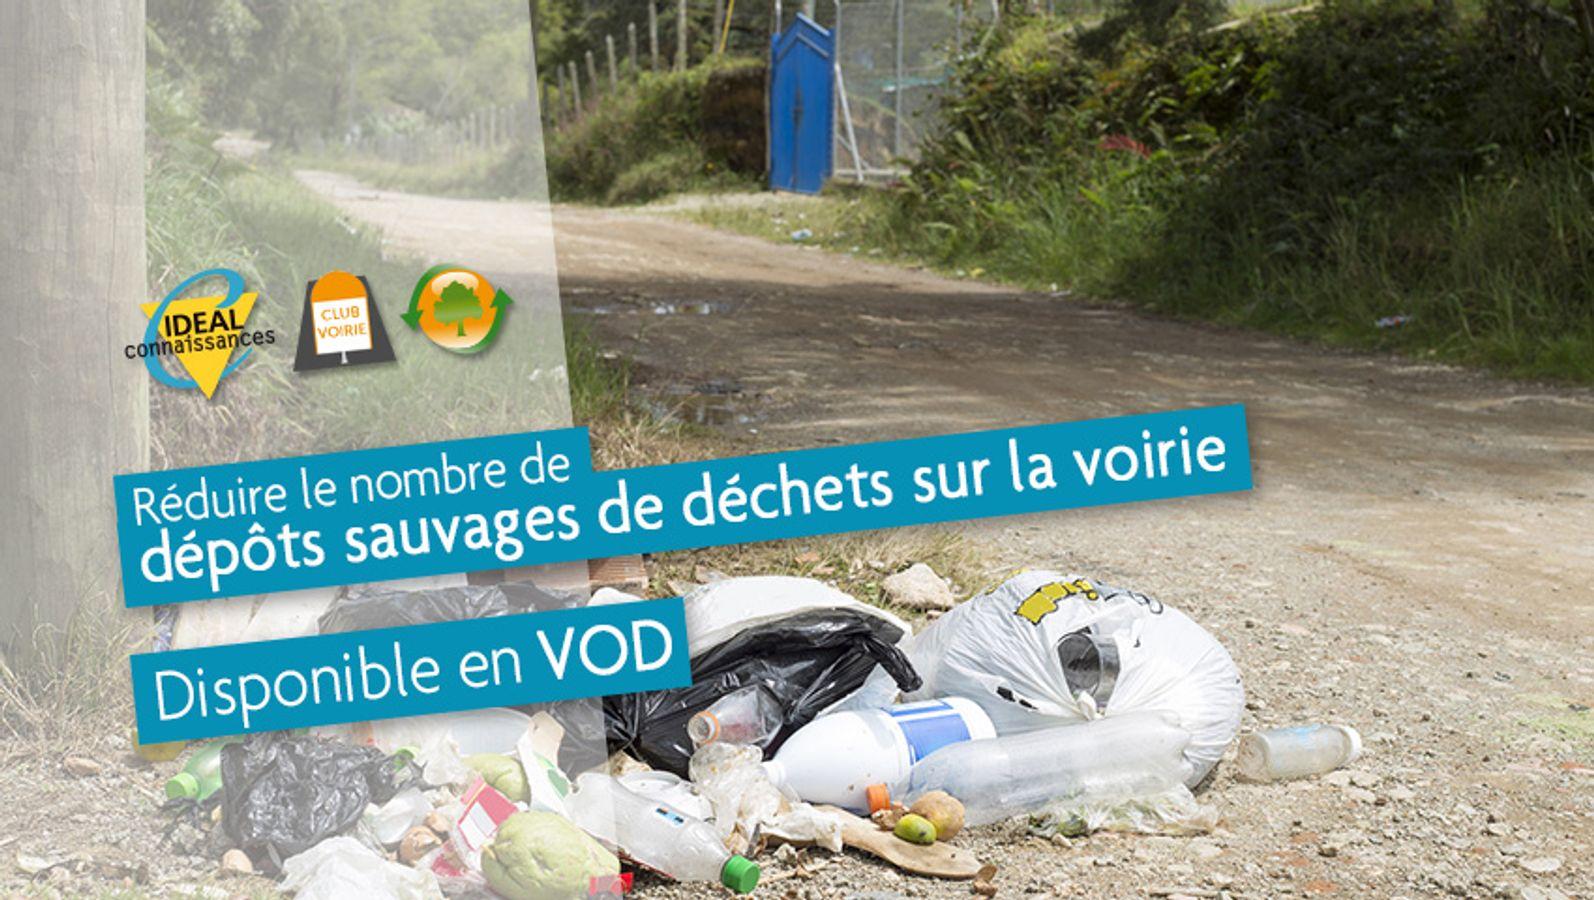 Réduire le nombre de dépôts sauvages de déchets sur la voirie